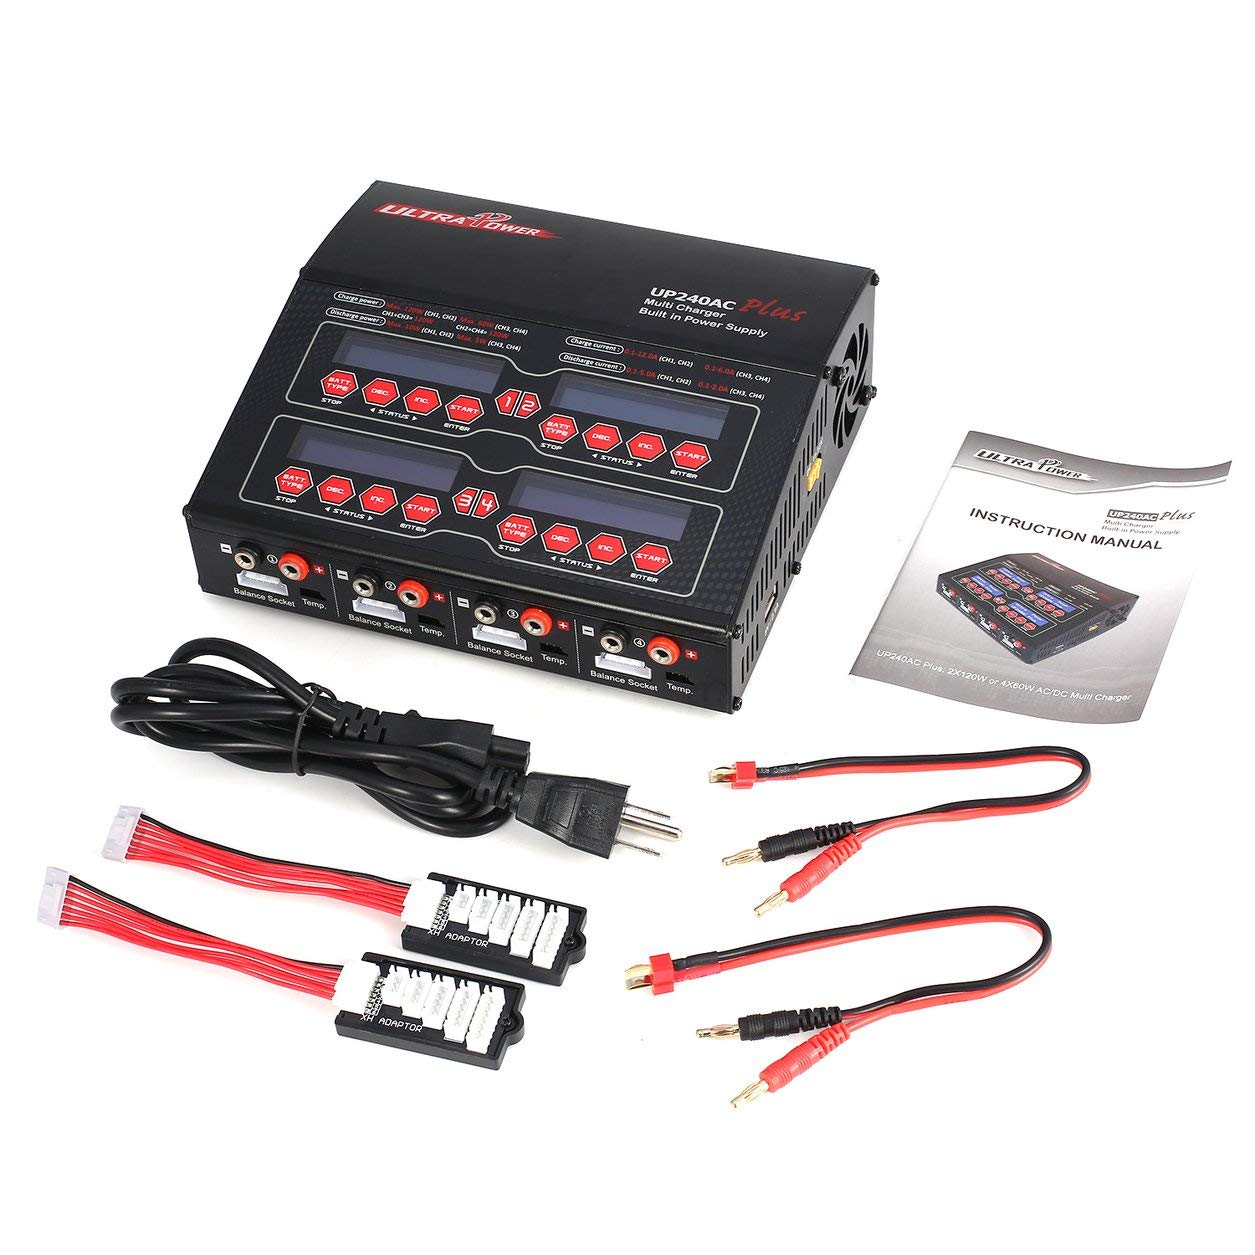 Saikogoods ドローン IMAX B6 80W 6AリポRCモデルのバッテリーブラック米国のための15V / 6A AC / DCアダプター付きニッケル水素リチウムイオンニッカドRCバランスチャージャー10W 2A放電器 B07MXJD3CC